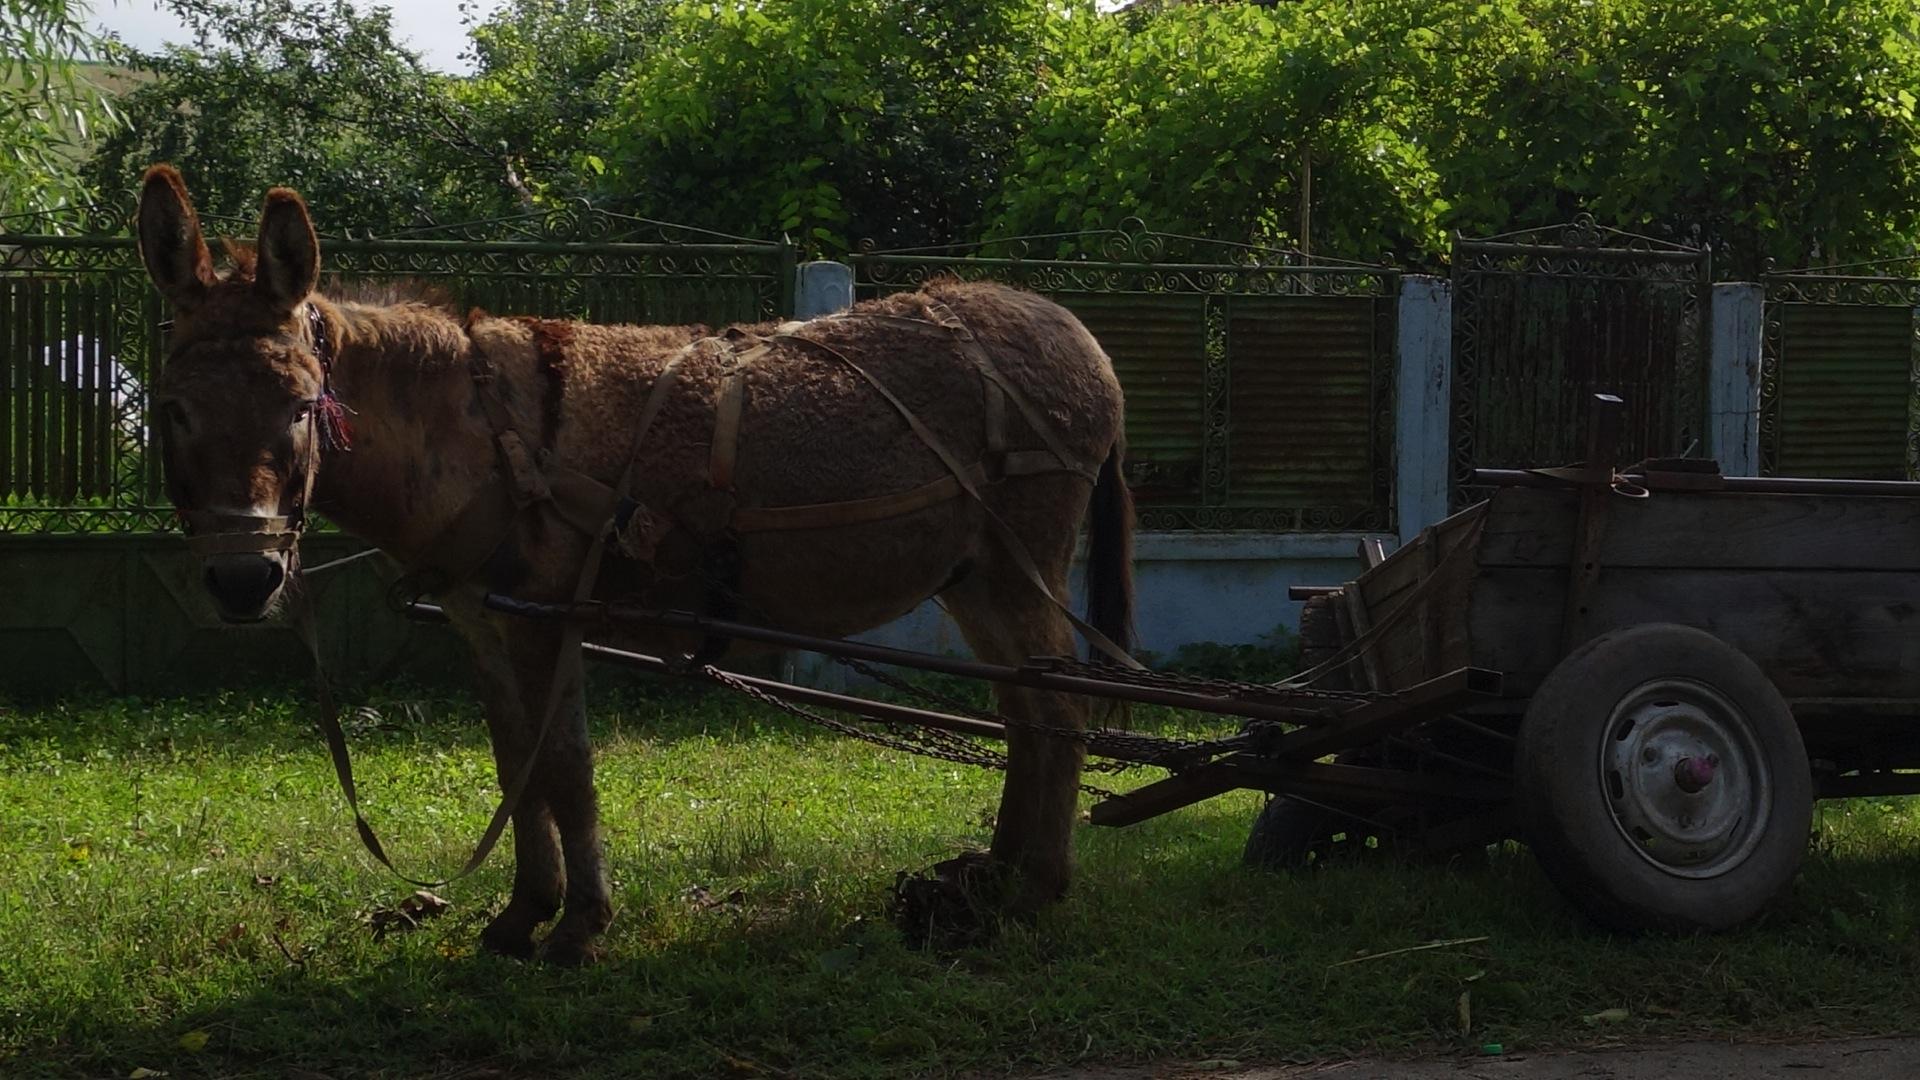 2014.06.25-07.51_-_Roumanie_-_DSC01367